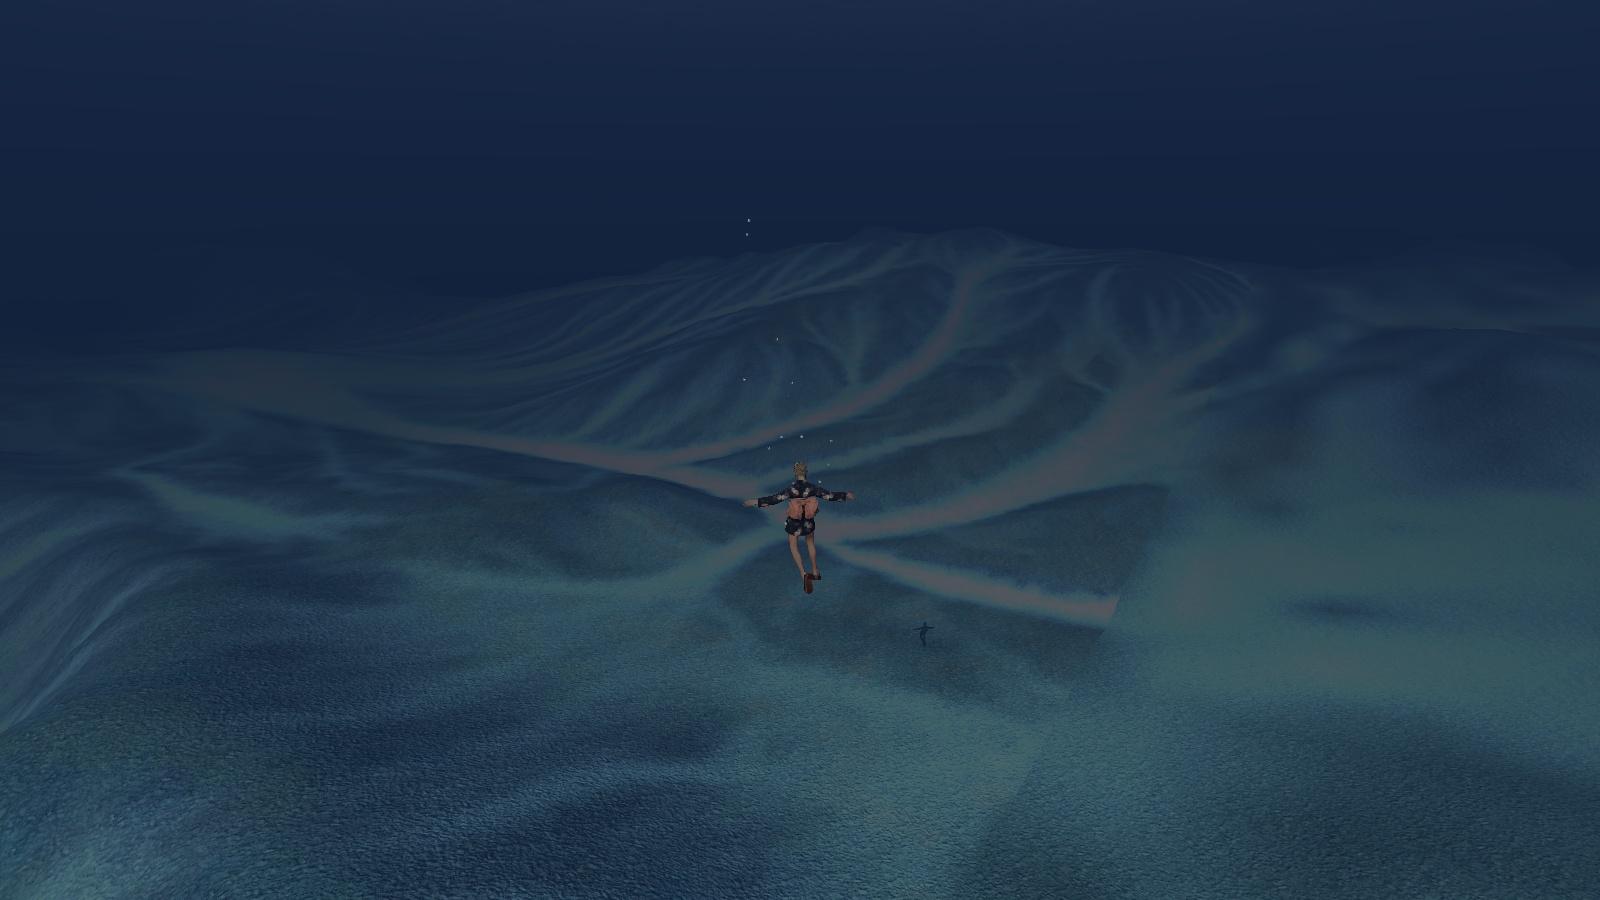 海底の模様